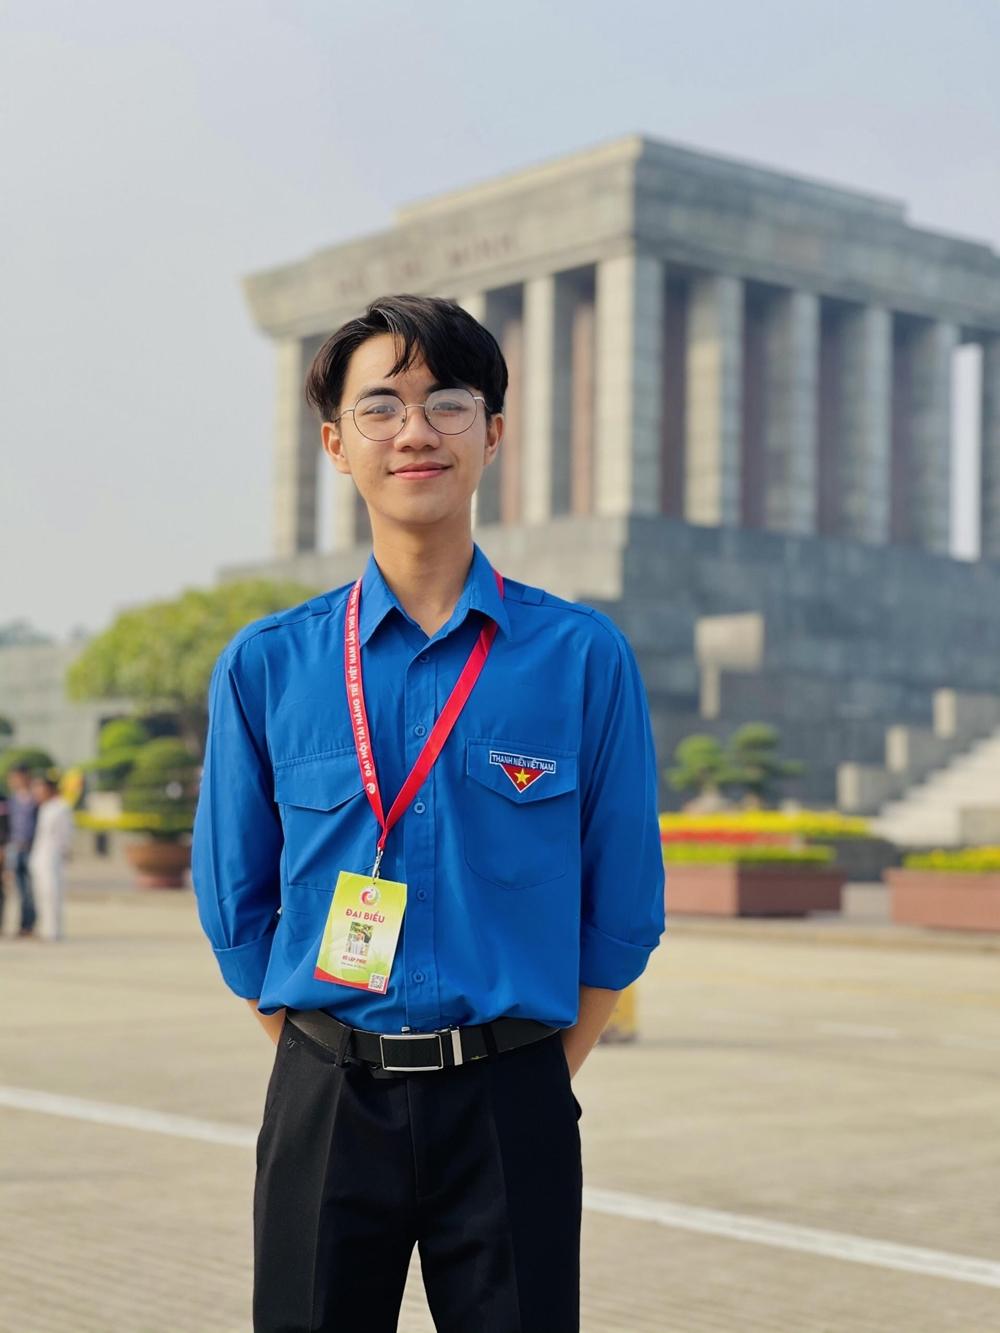 Lập Phúc ra Hà Nội, thăm Lăng Bác, khi dự Đại hội Tài năng trẻ, tháng 12/2020. Ảnh: Nhân vật cung cấp